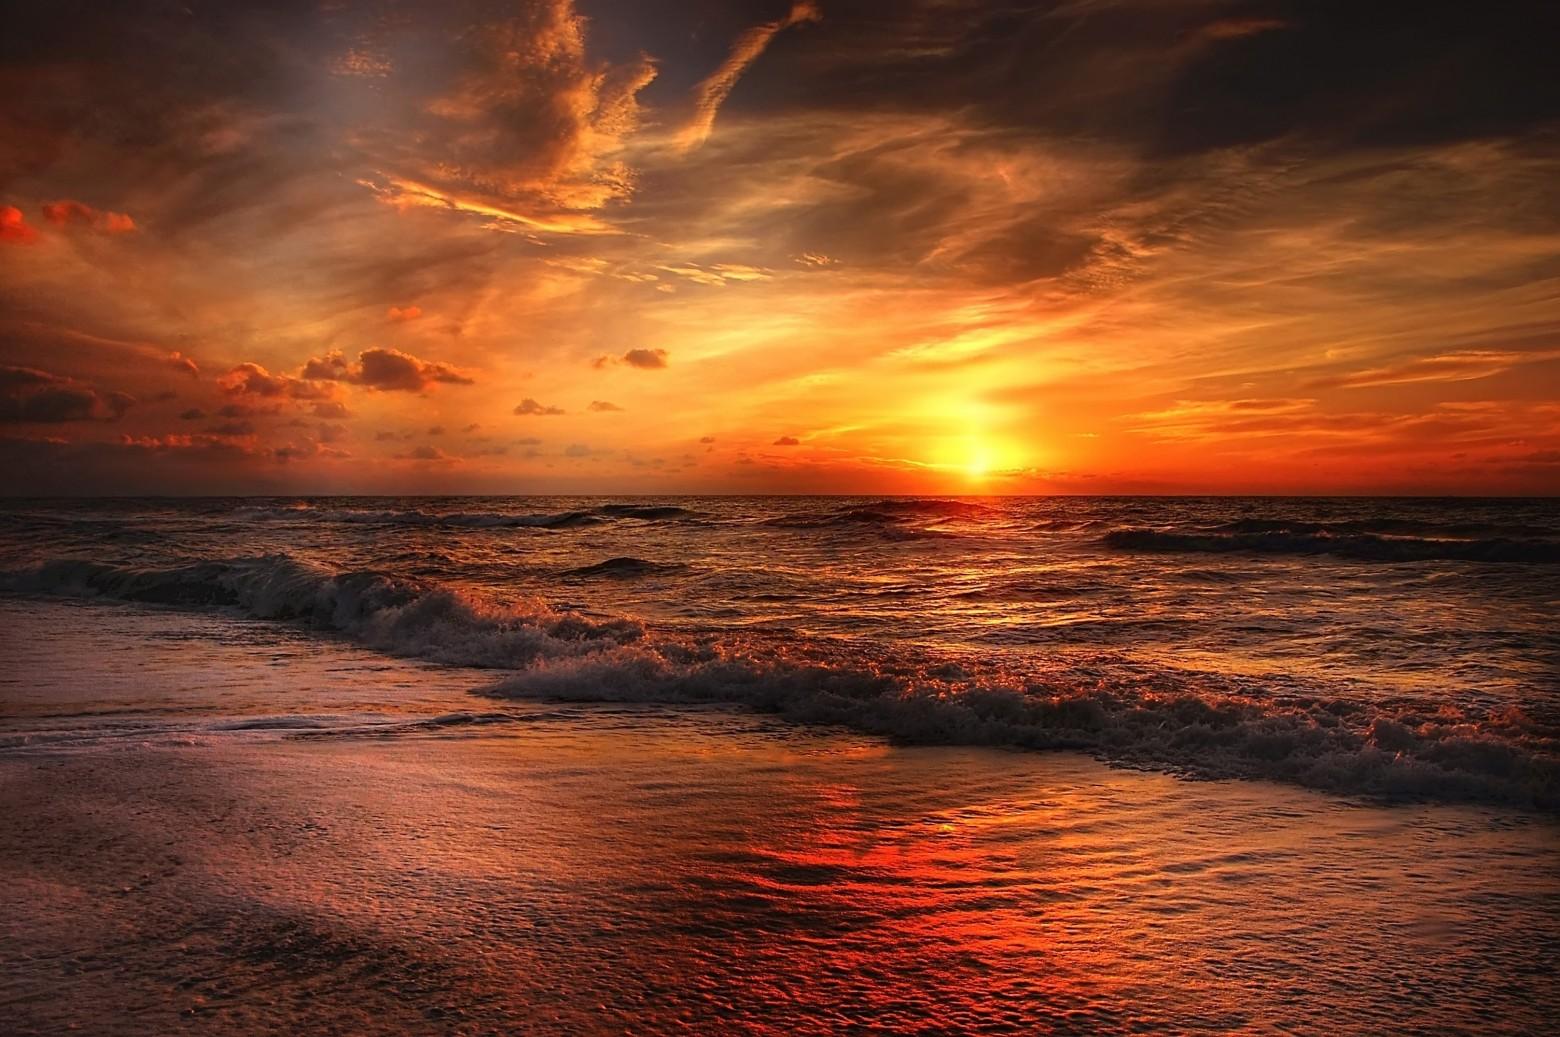 Plage Mer Ocean Fond D Ecran Images Gratuites Et Libres De Droits